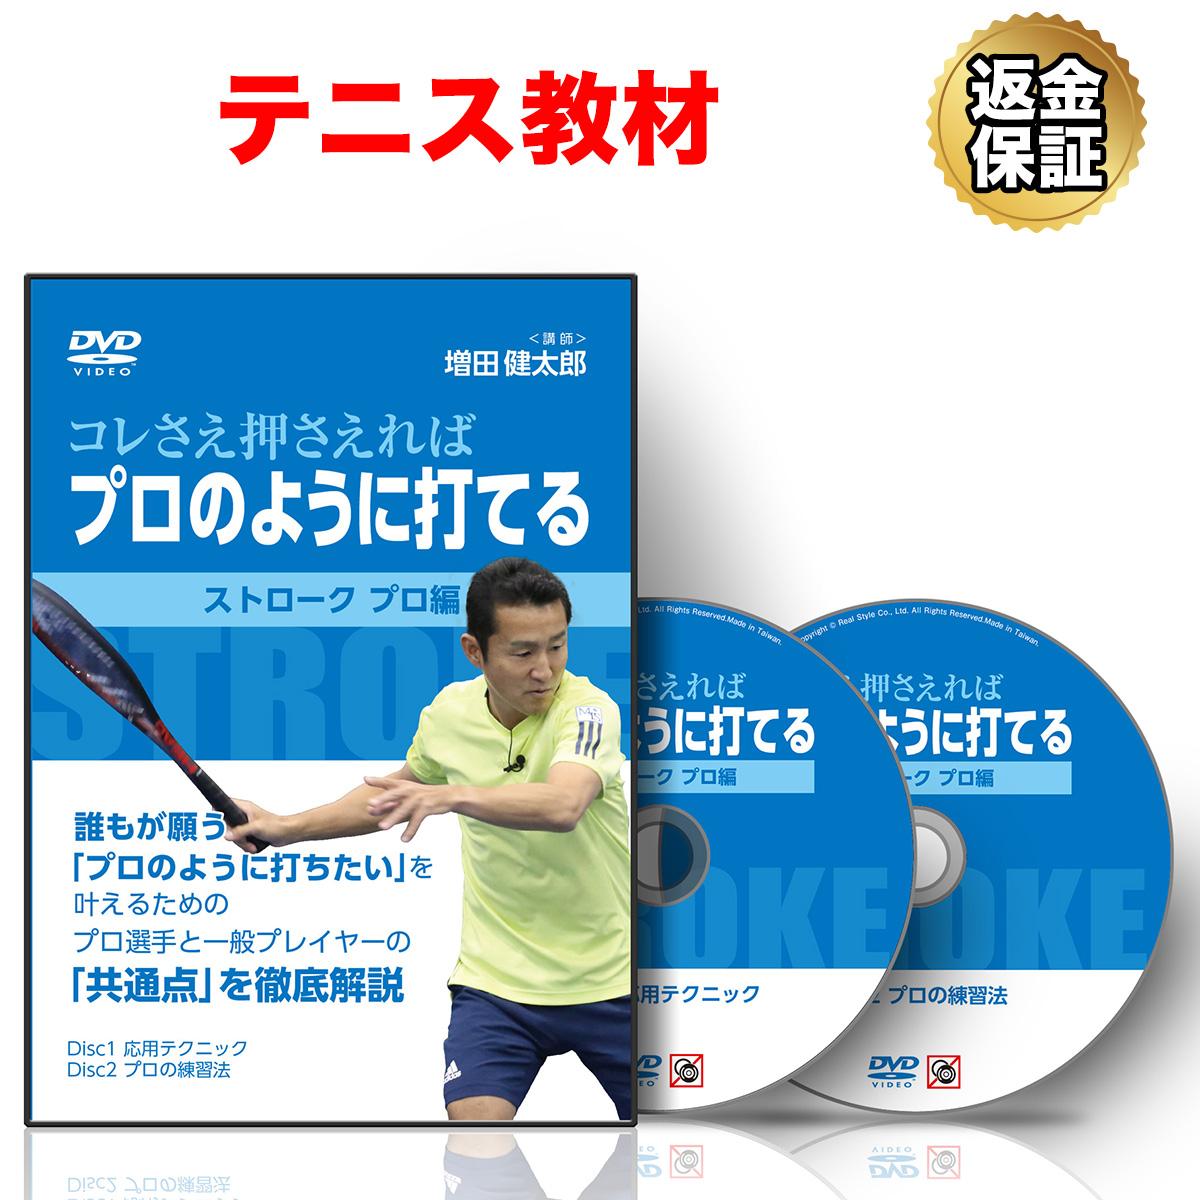 【テニス】増田健太郎の「コレさえ押さえればプロのように打てる」~ストローク プロ編~